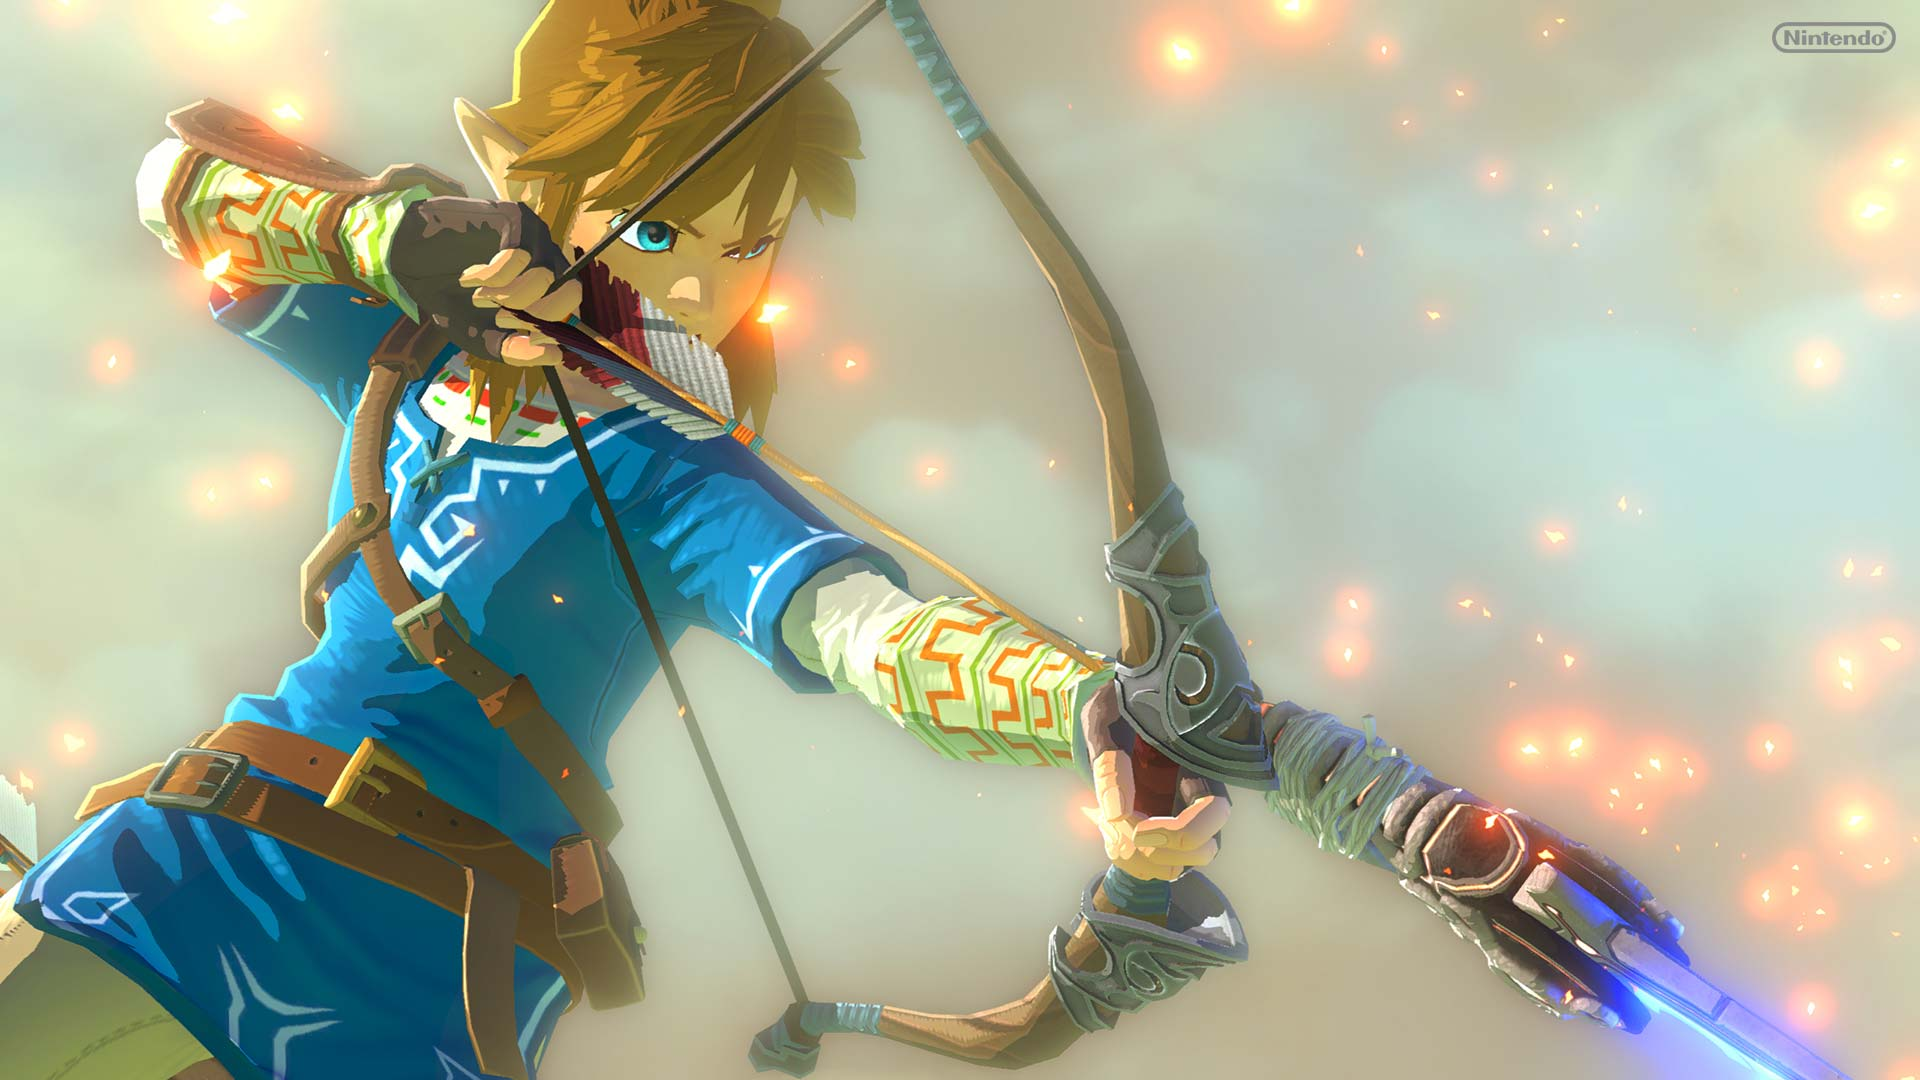 """Link ist der Held und die Spielfigur aus der """"The Legend Of Zelda""""-Reihe"""